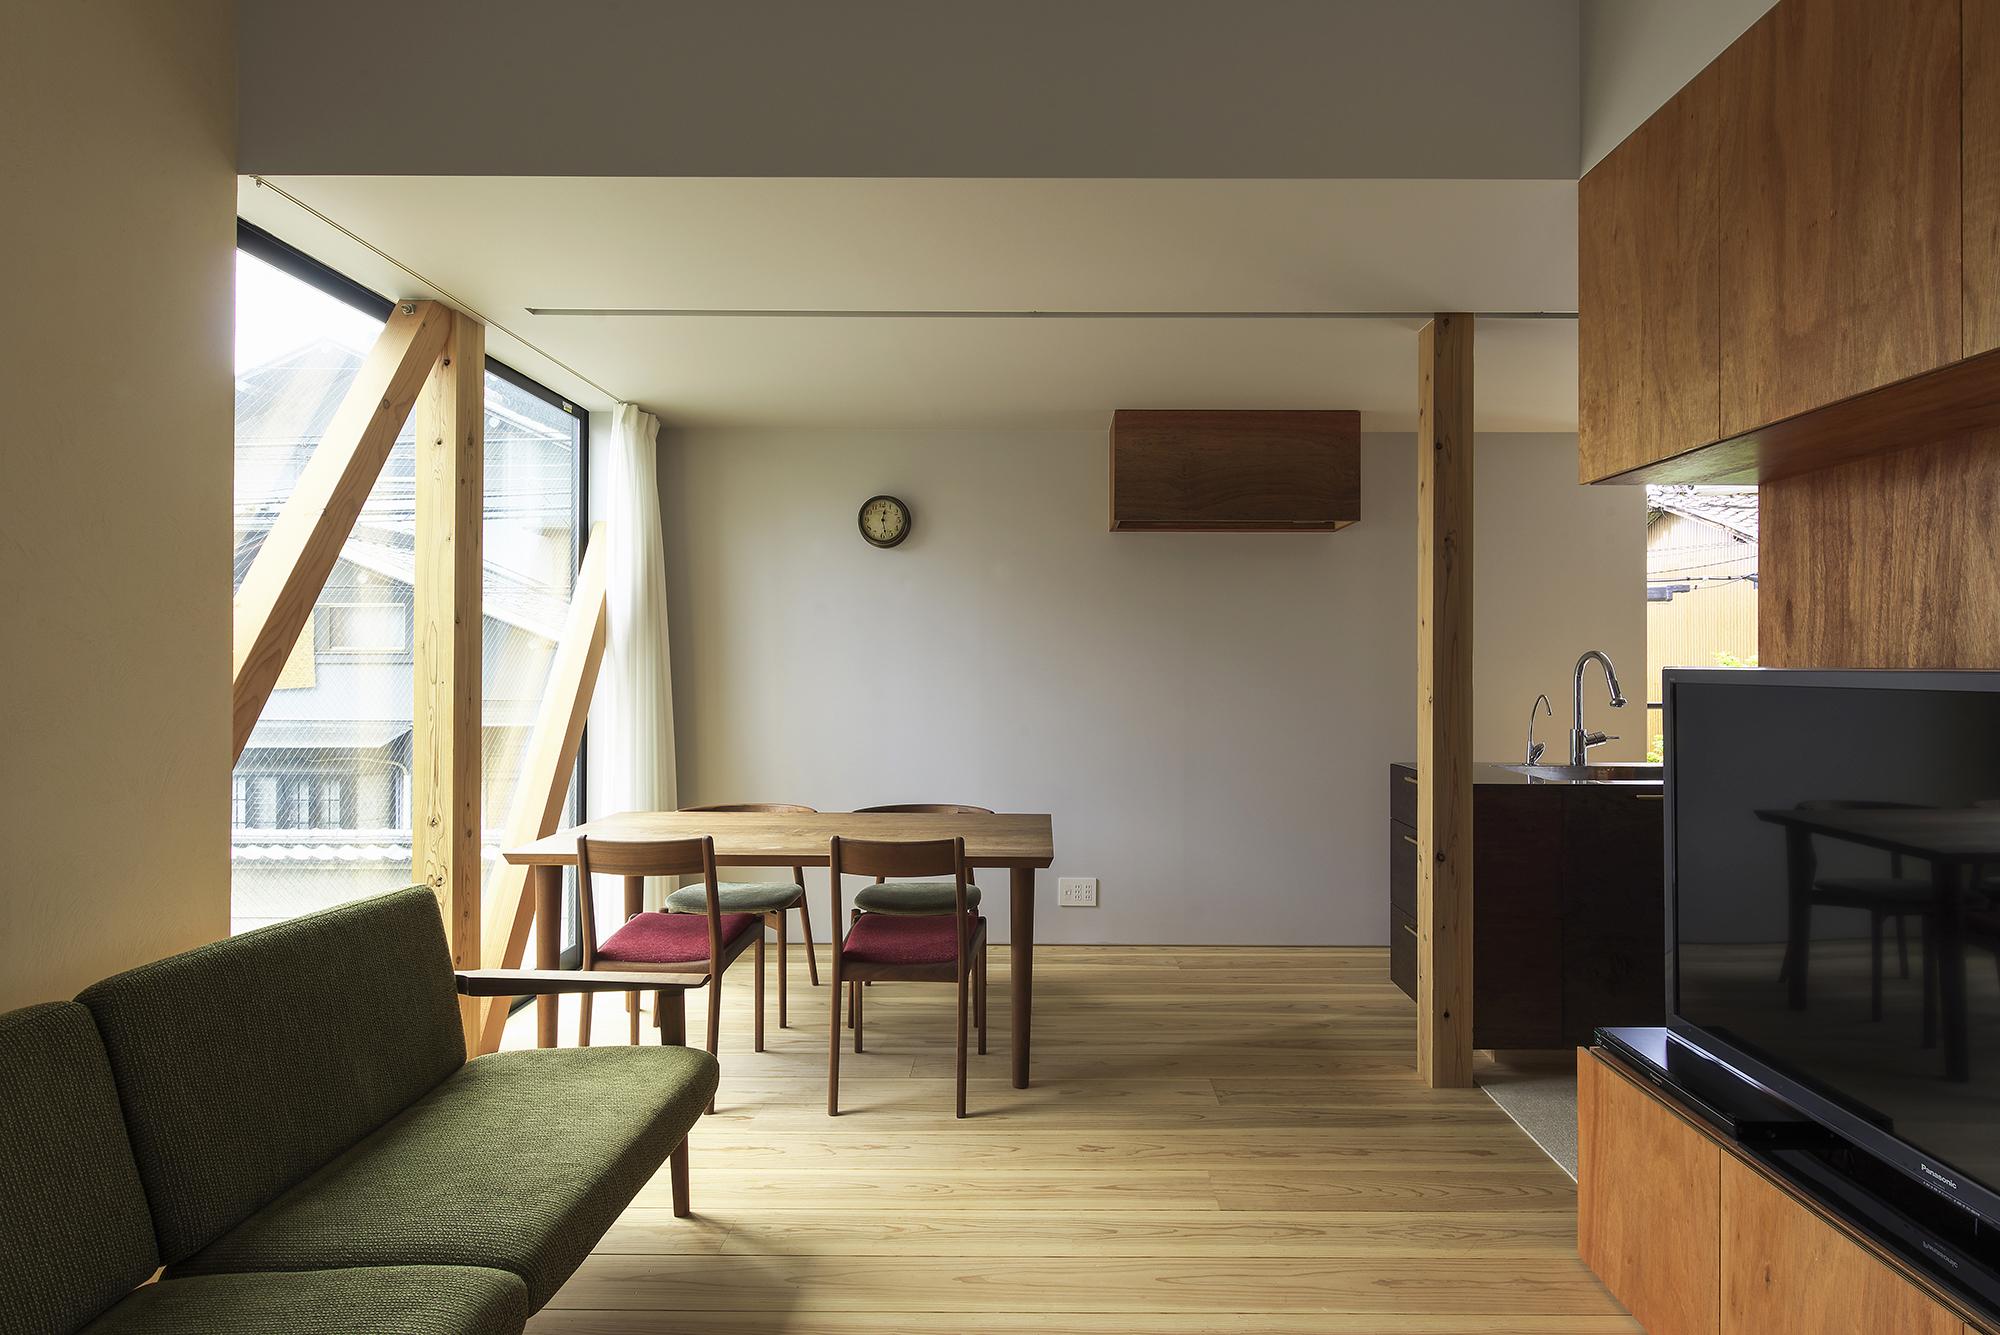 【無料相談会】2021年6月の建築設計相談会&オンライン建築相談会のお知らせ